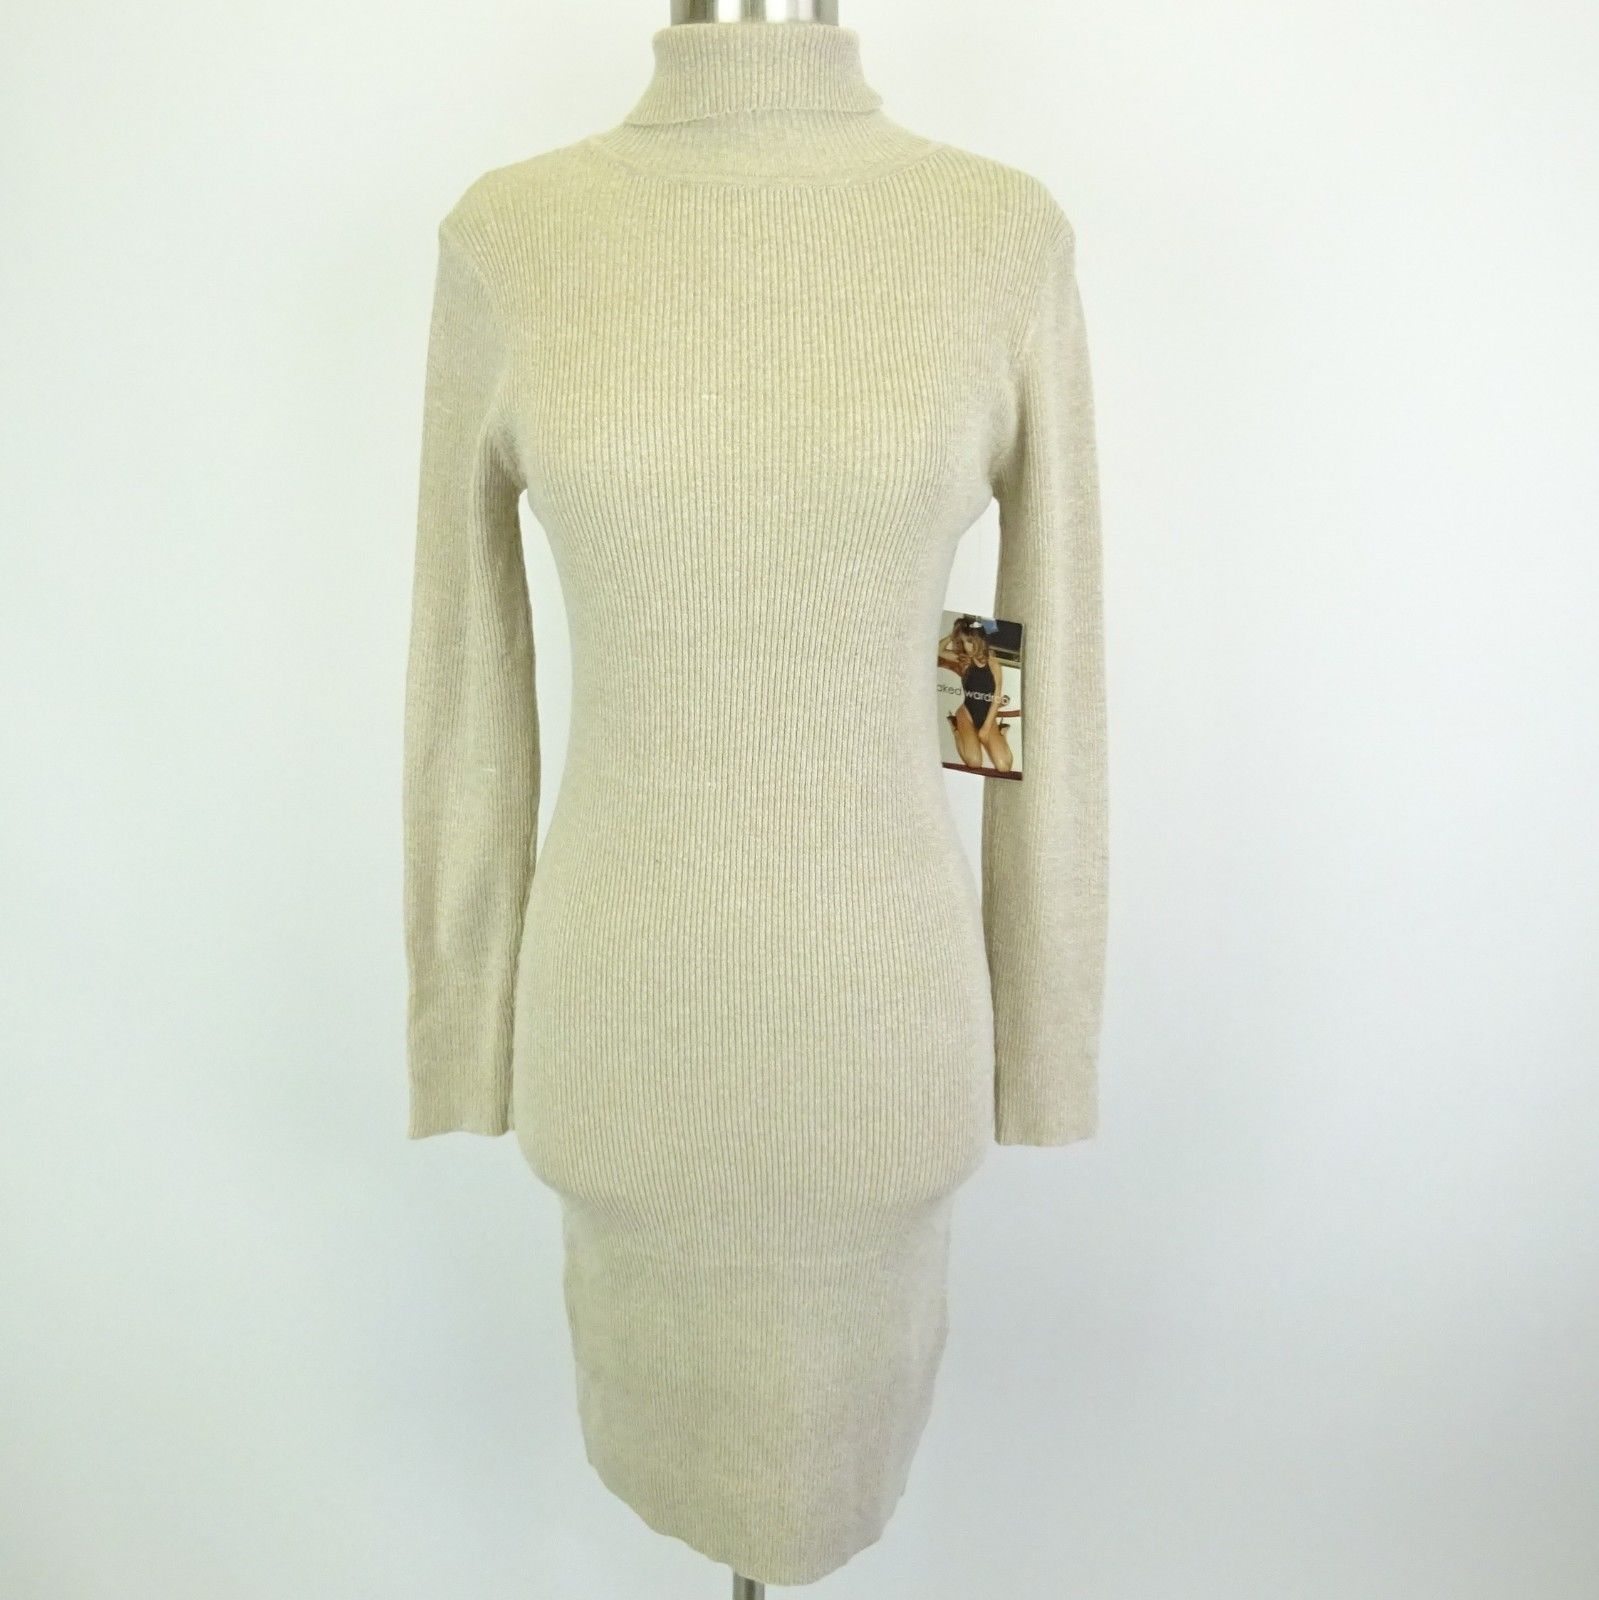 Kim kardashian west naked wardrobe beige long sleeve turtleneck thin